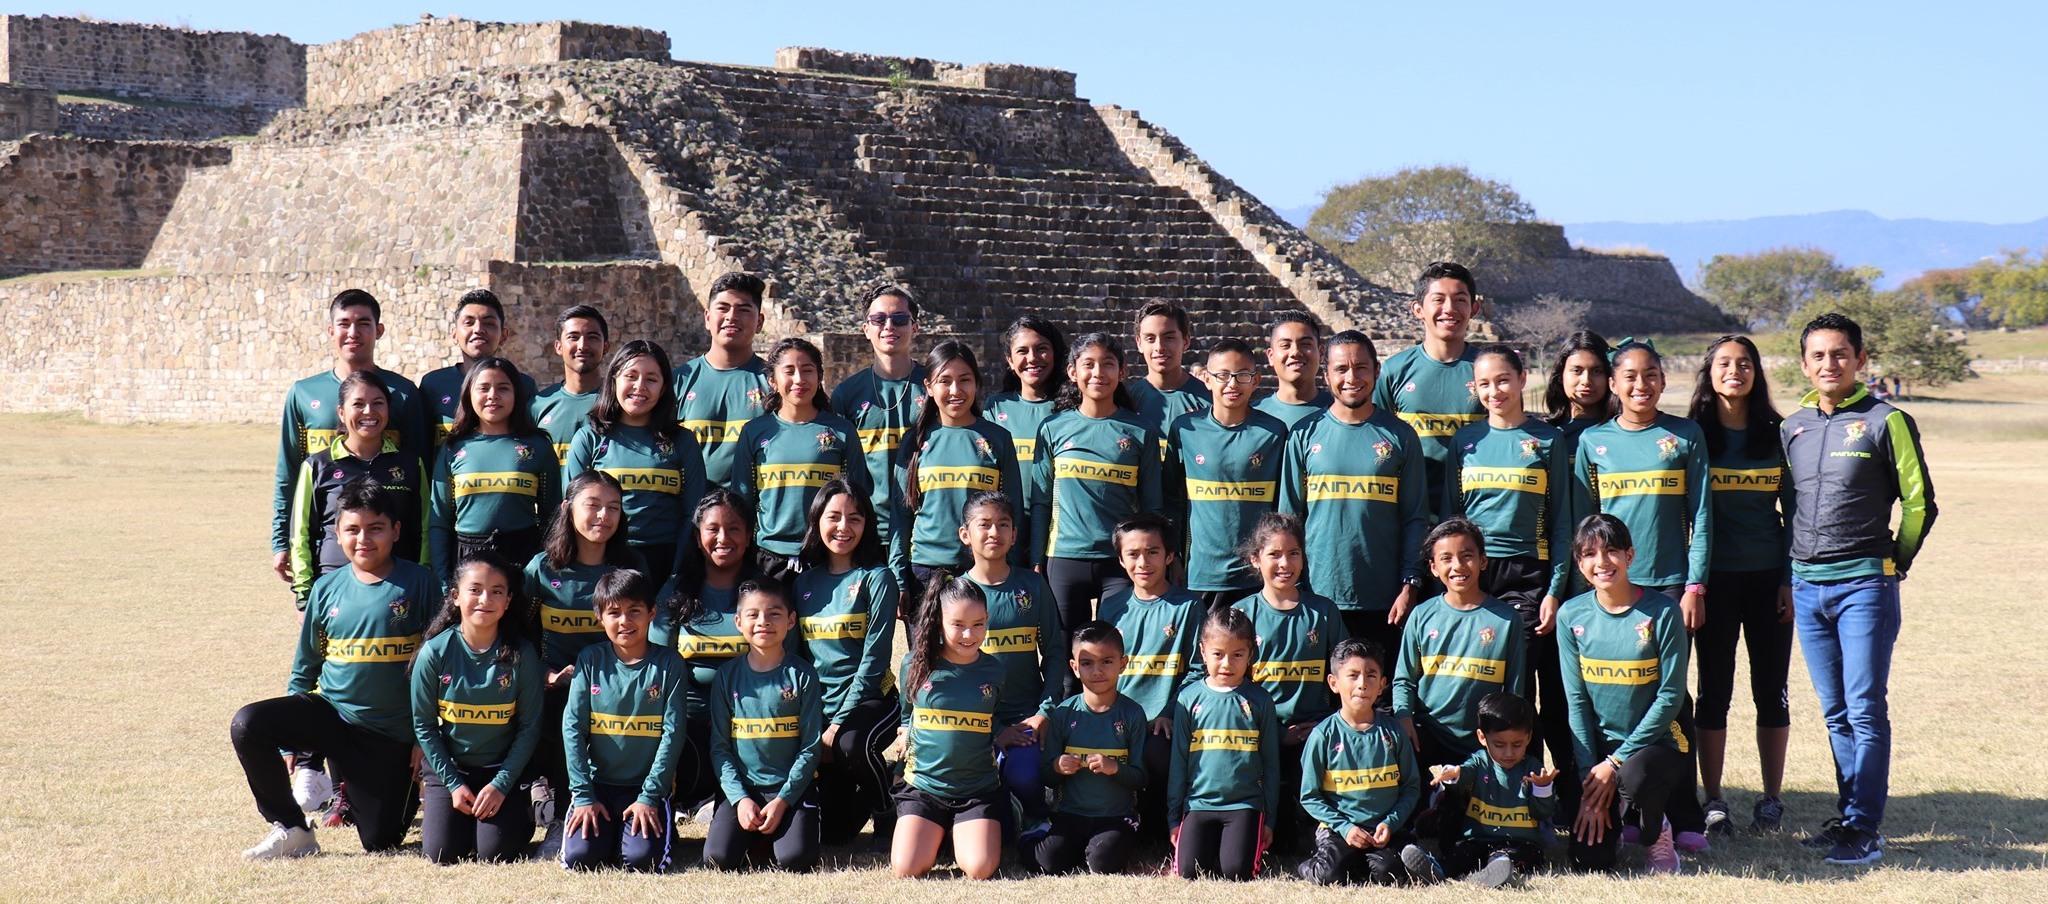 Club de Atletismo Painanis - Oaxaca